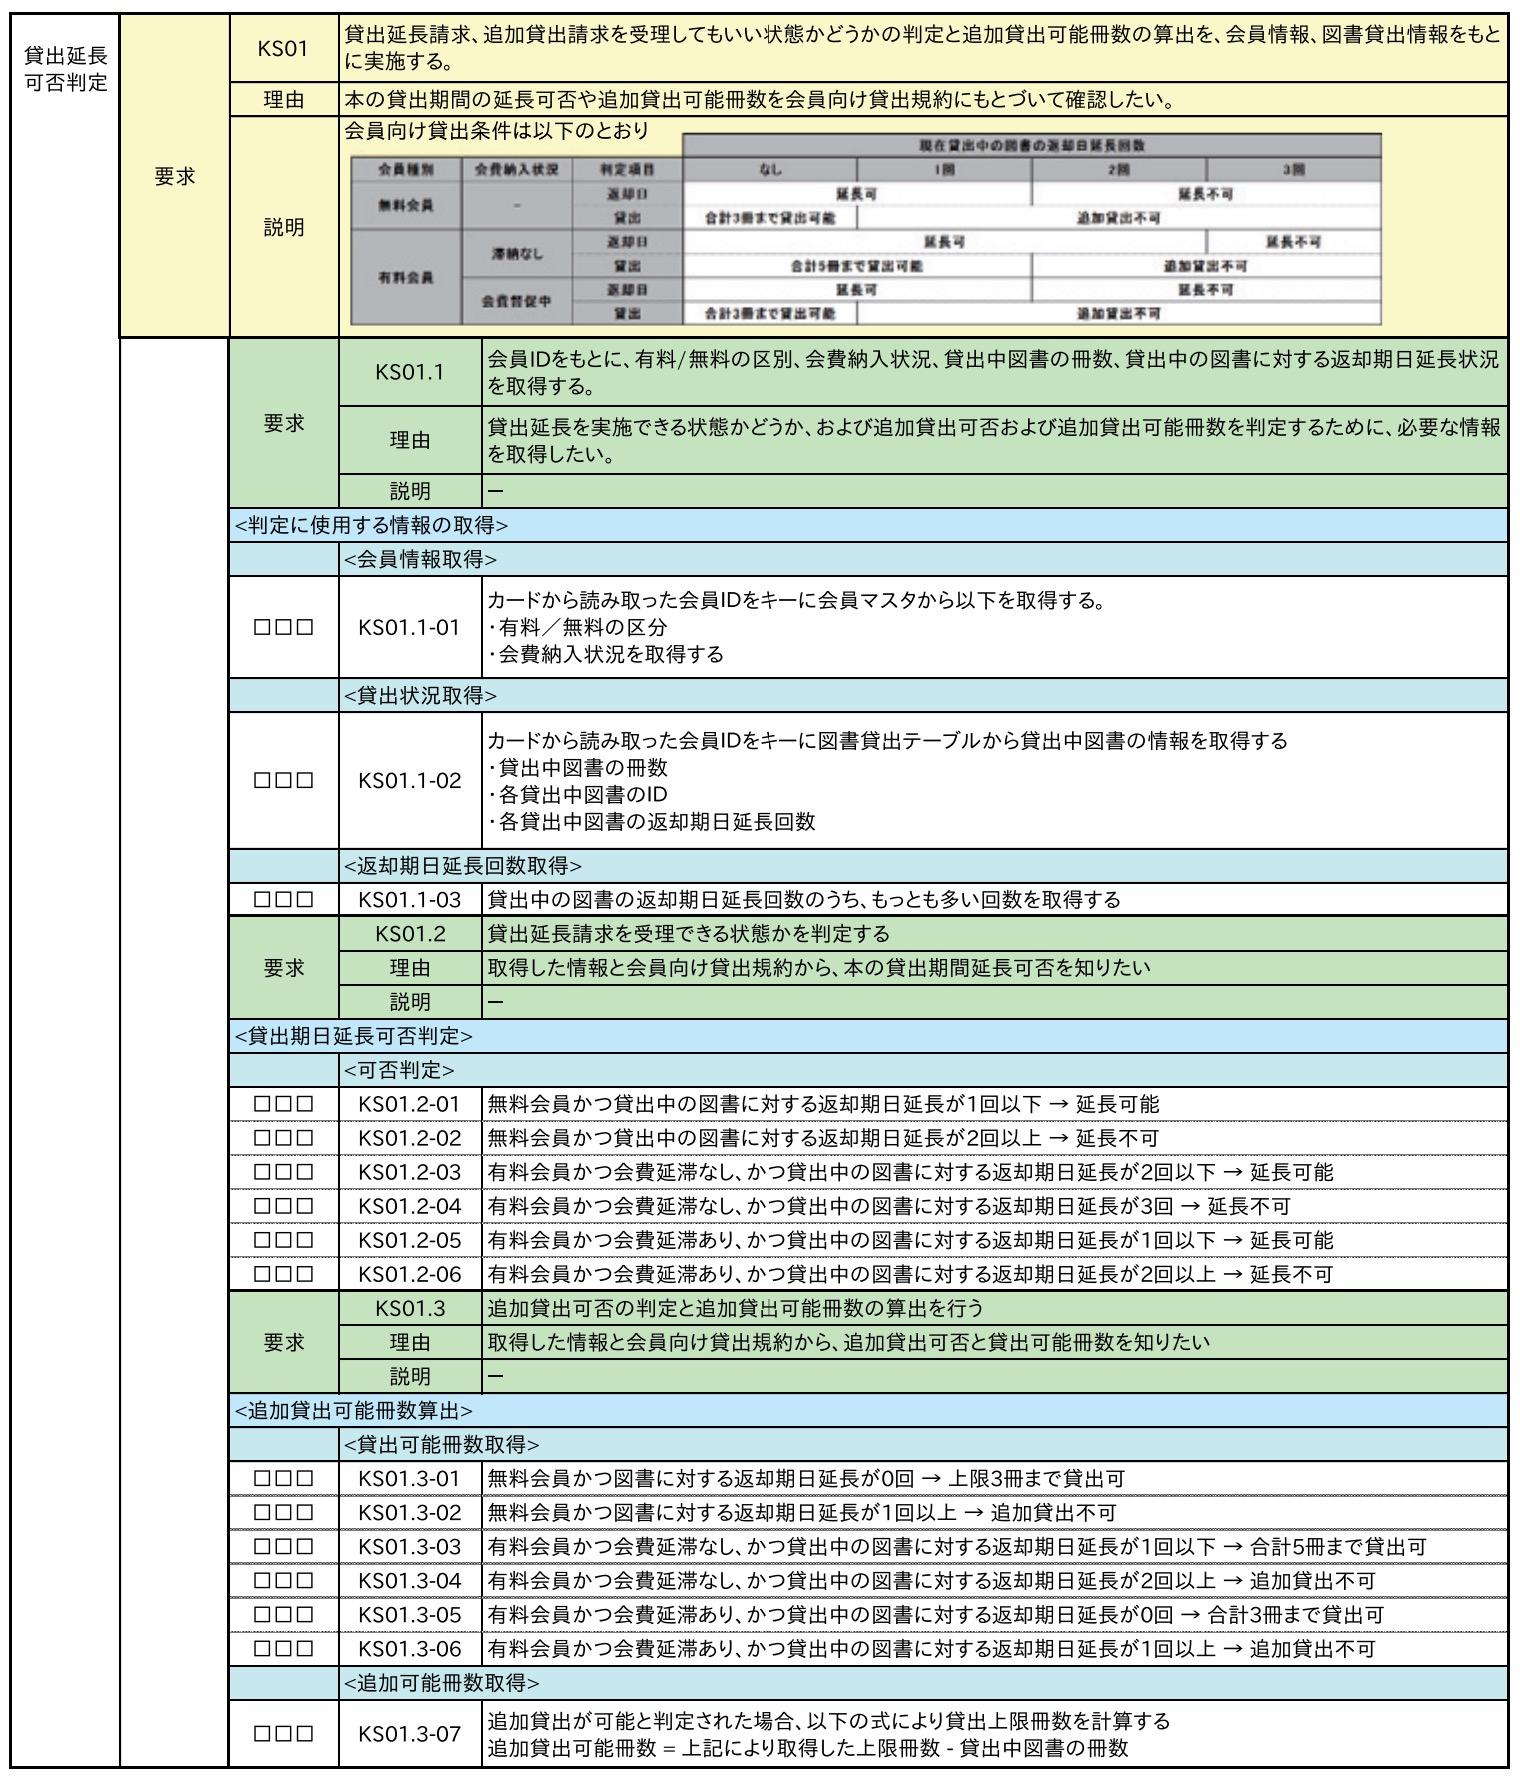 業務処理定義書(サンプル)